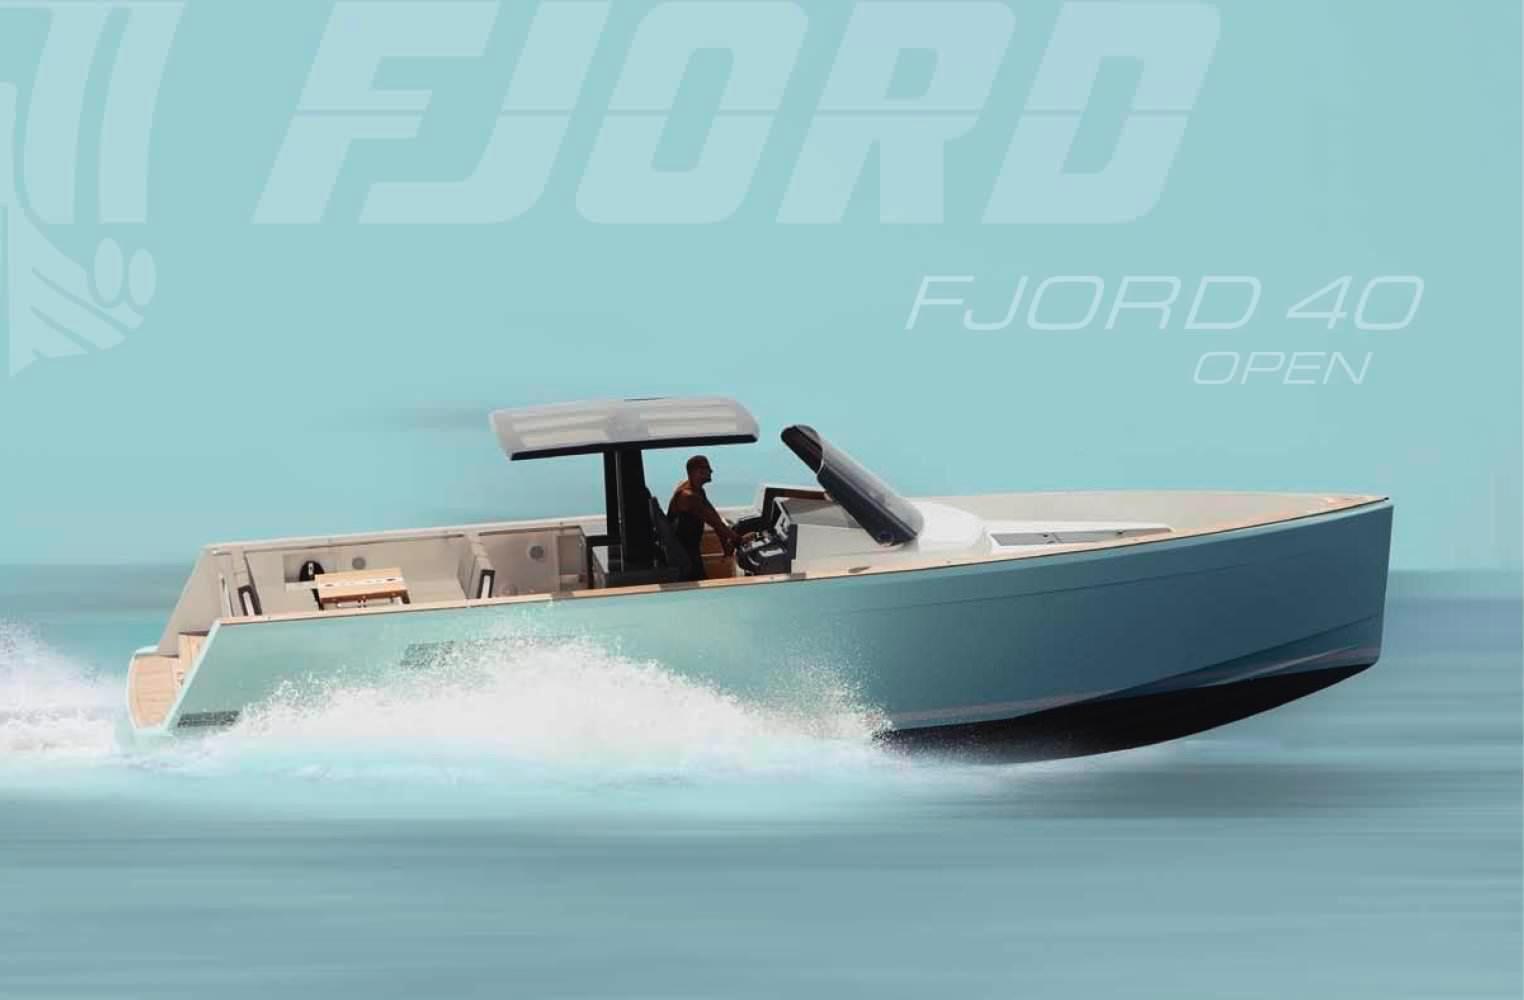 fjord_40_open_1.jpg